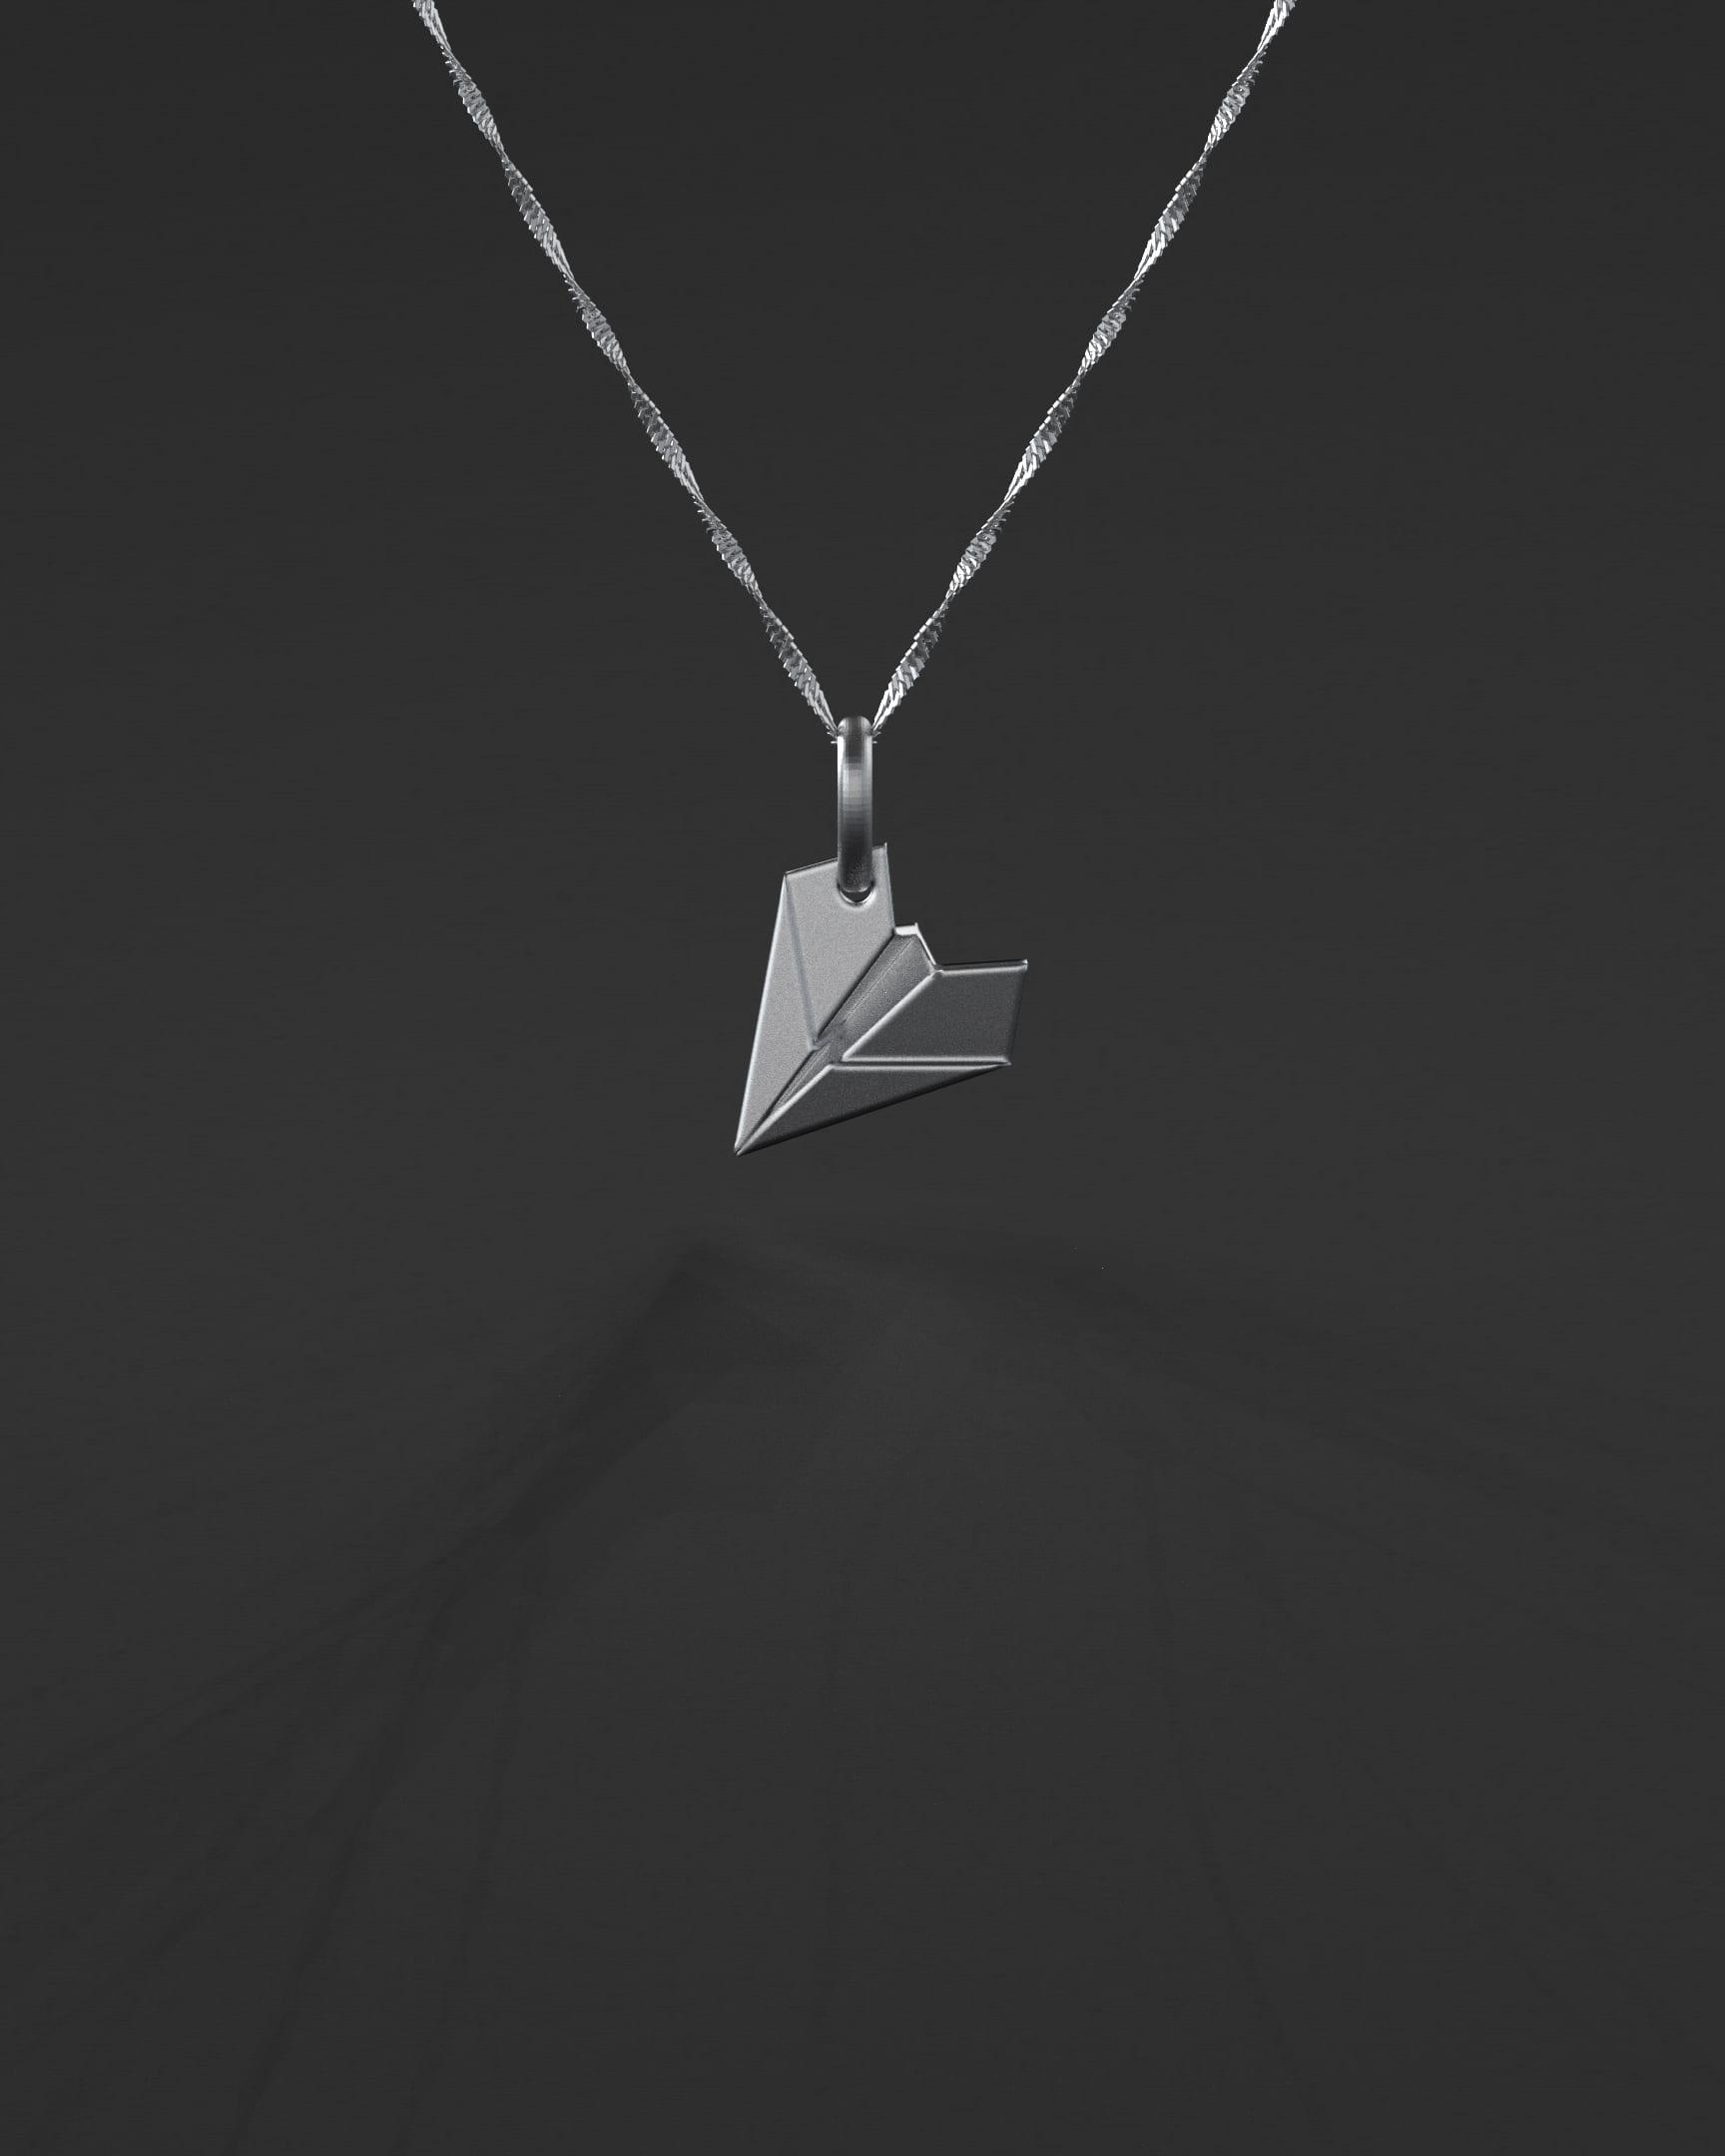 colar de prata para viajantes - avião de papel